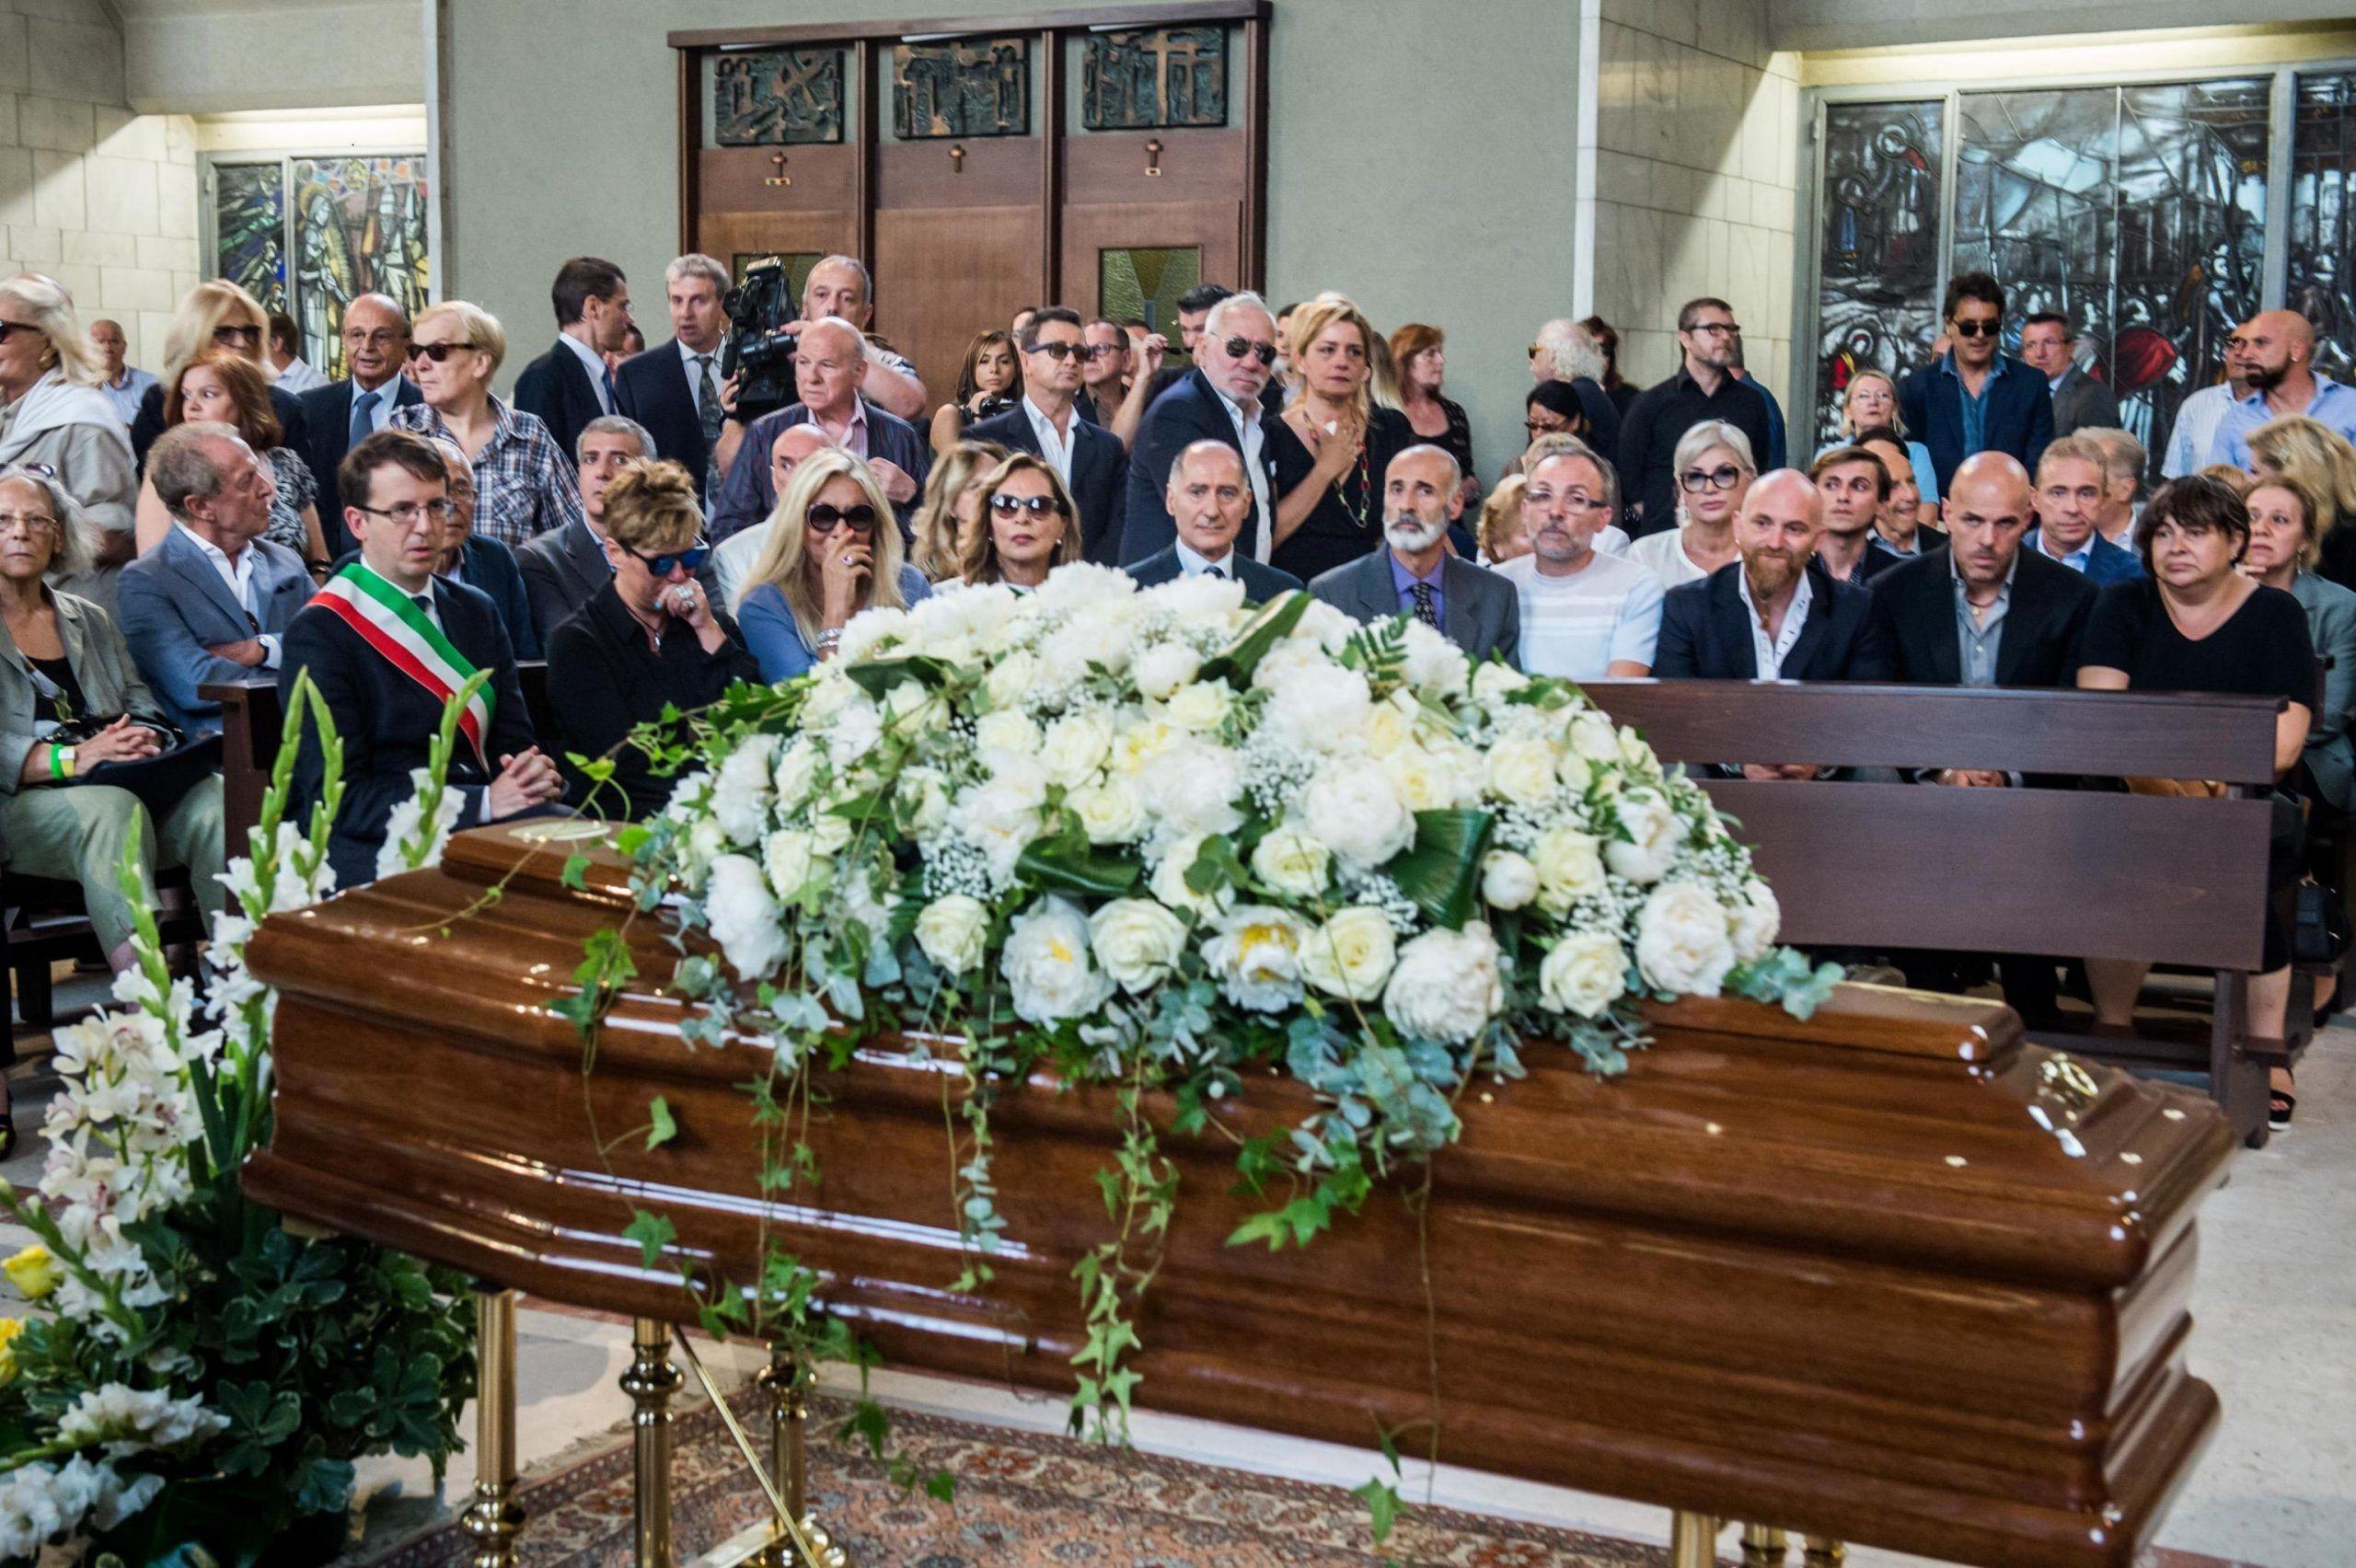 MORTO A 77 ANNI PAOLO LIMITI, OGGI I FUNERALI A MILANO